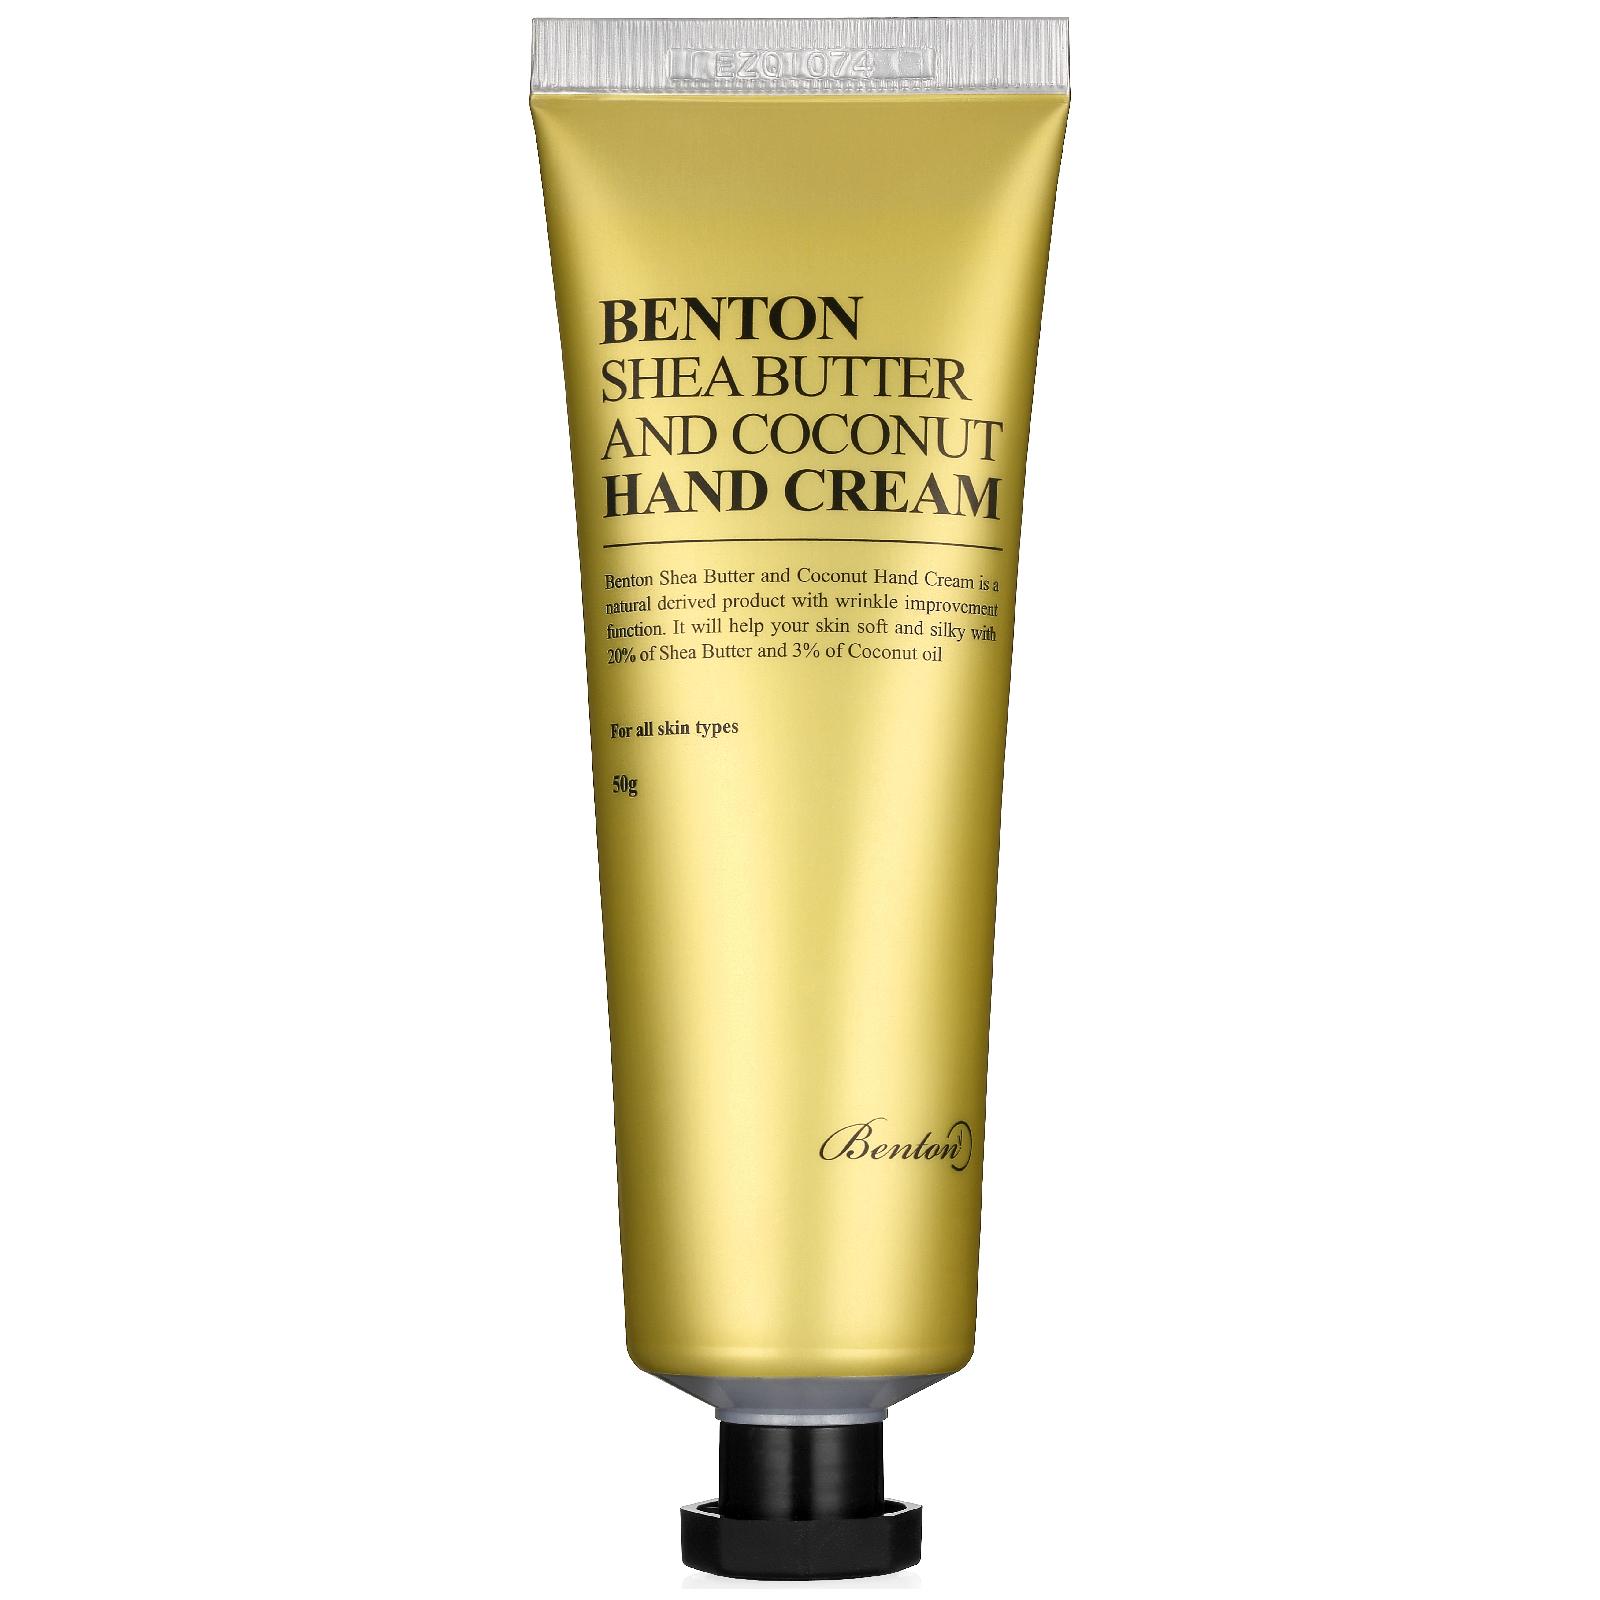 Купить Крем для рук с маслом ши и кокосом Benton Shea Butter and Coconut Hand Cream 50 г